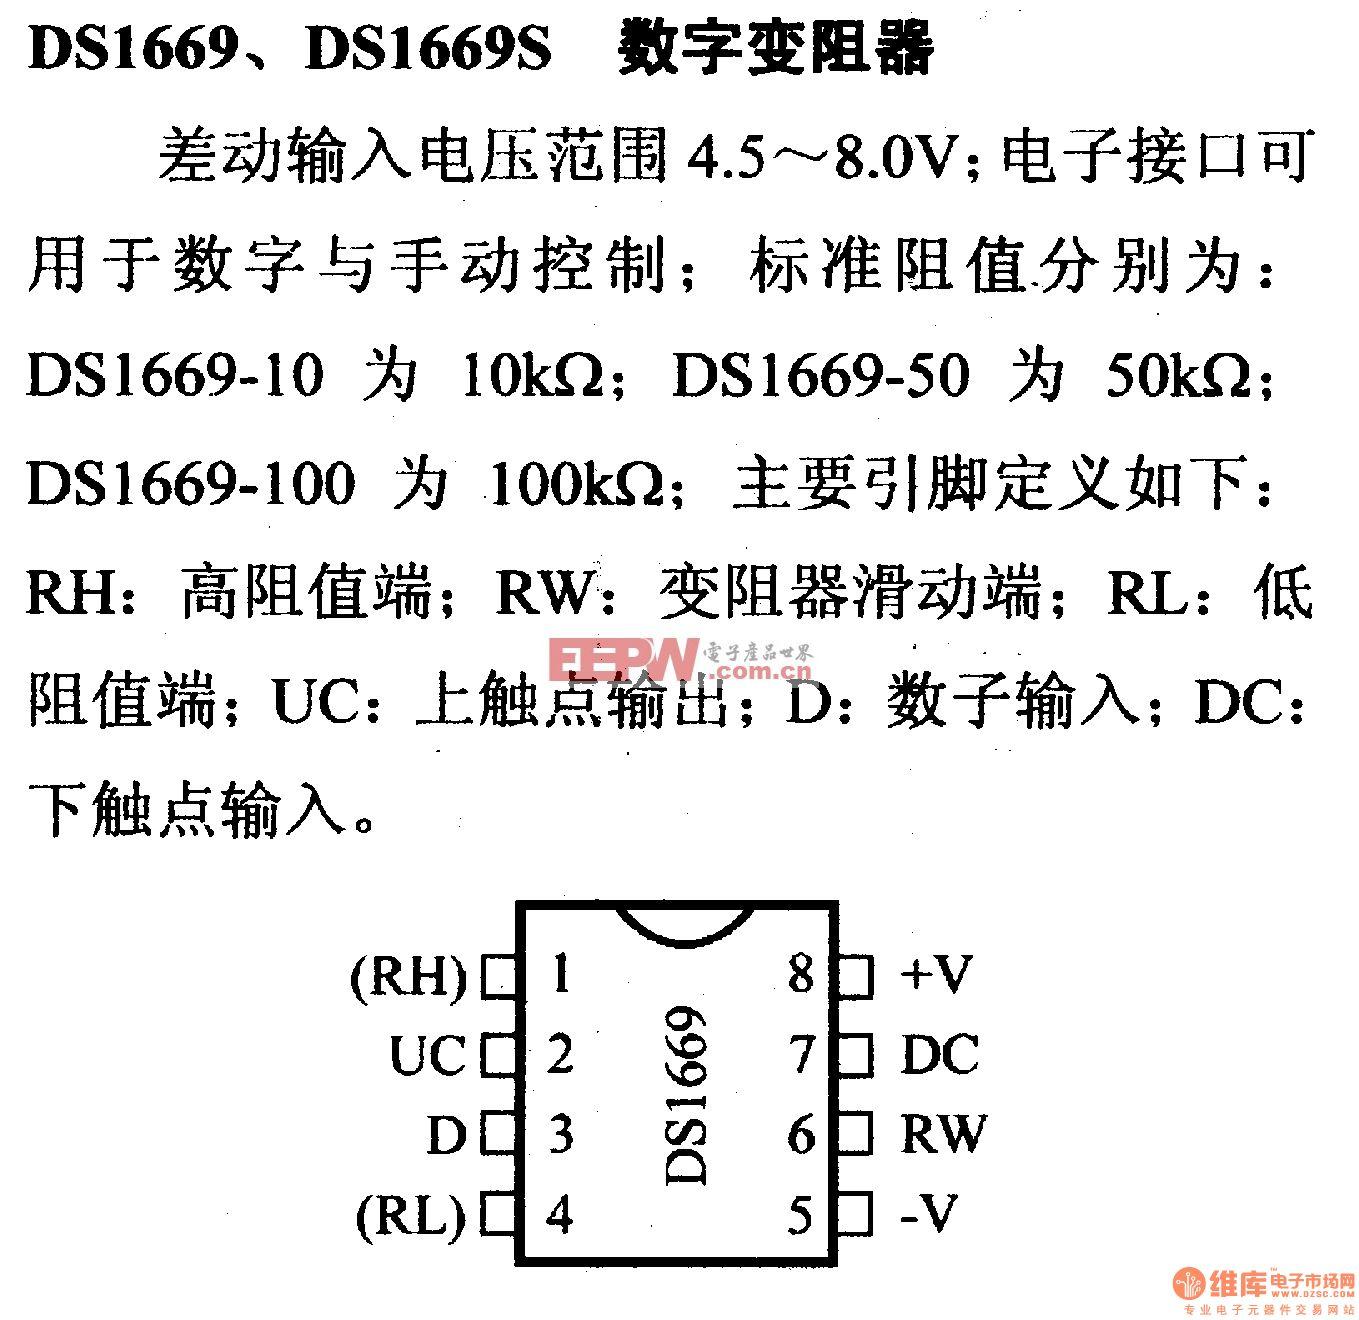 电路引脚及主要特性DS1669、DS1669S 数字变阻器